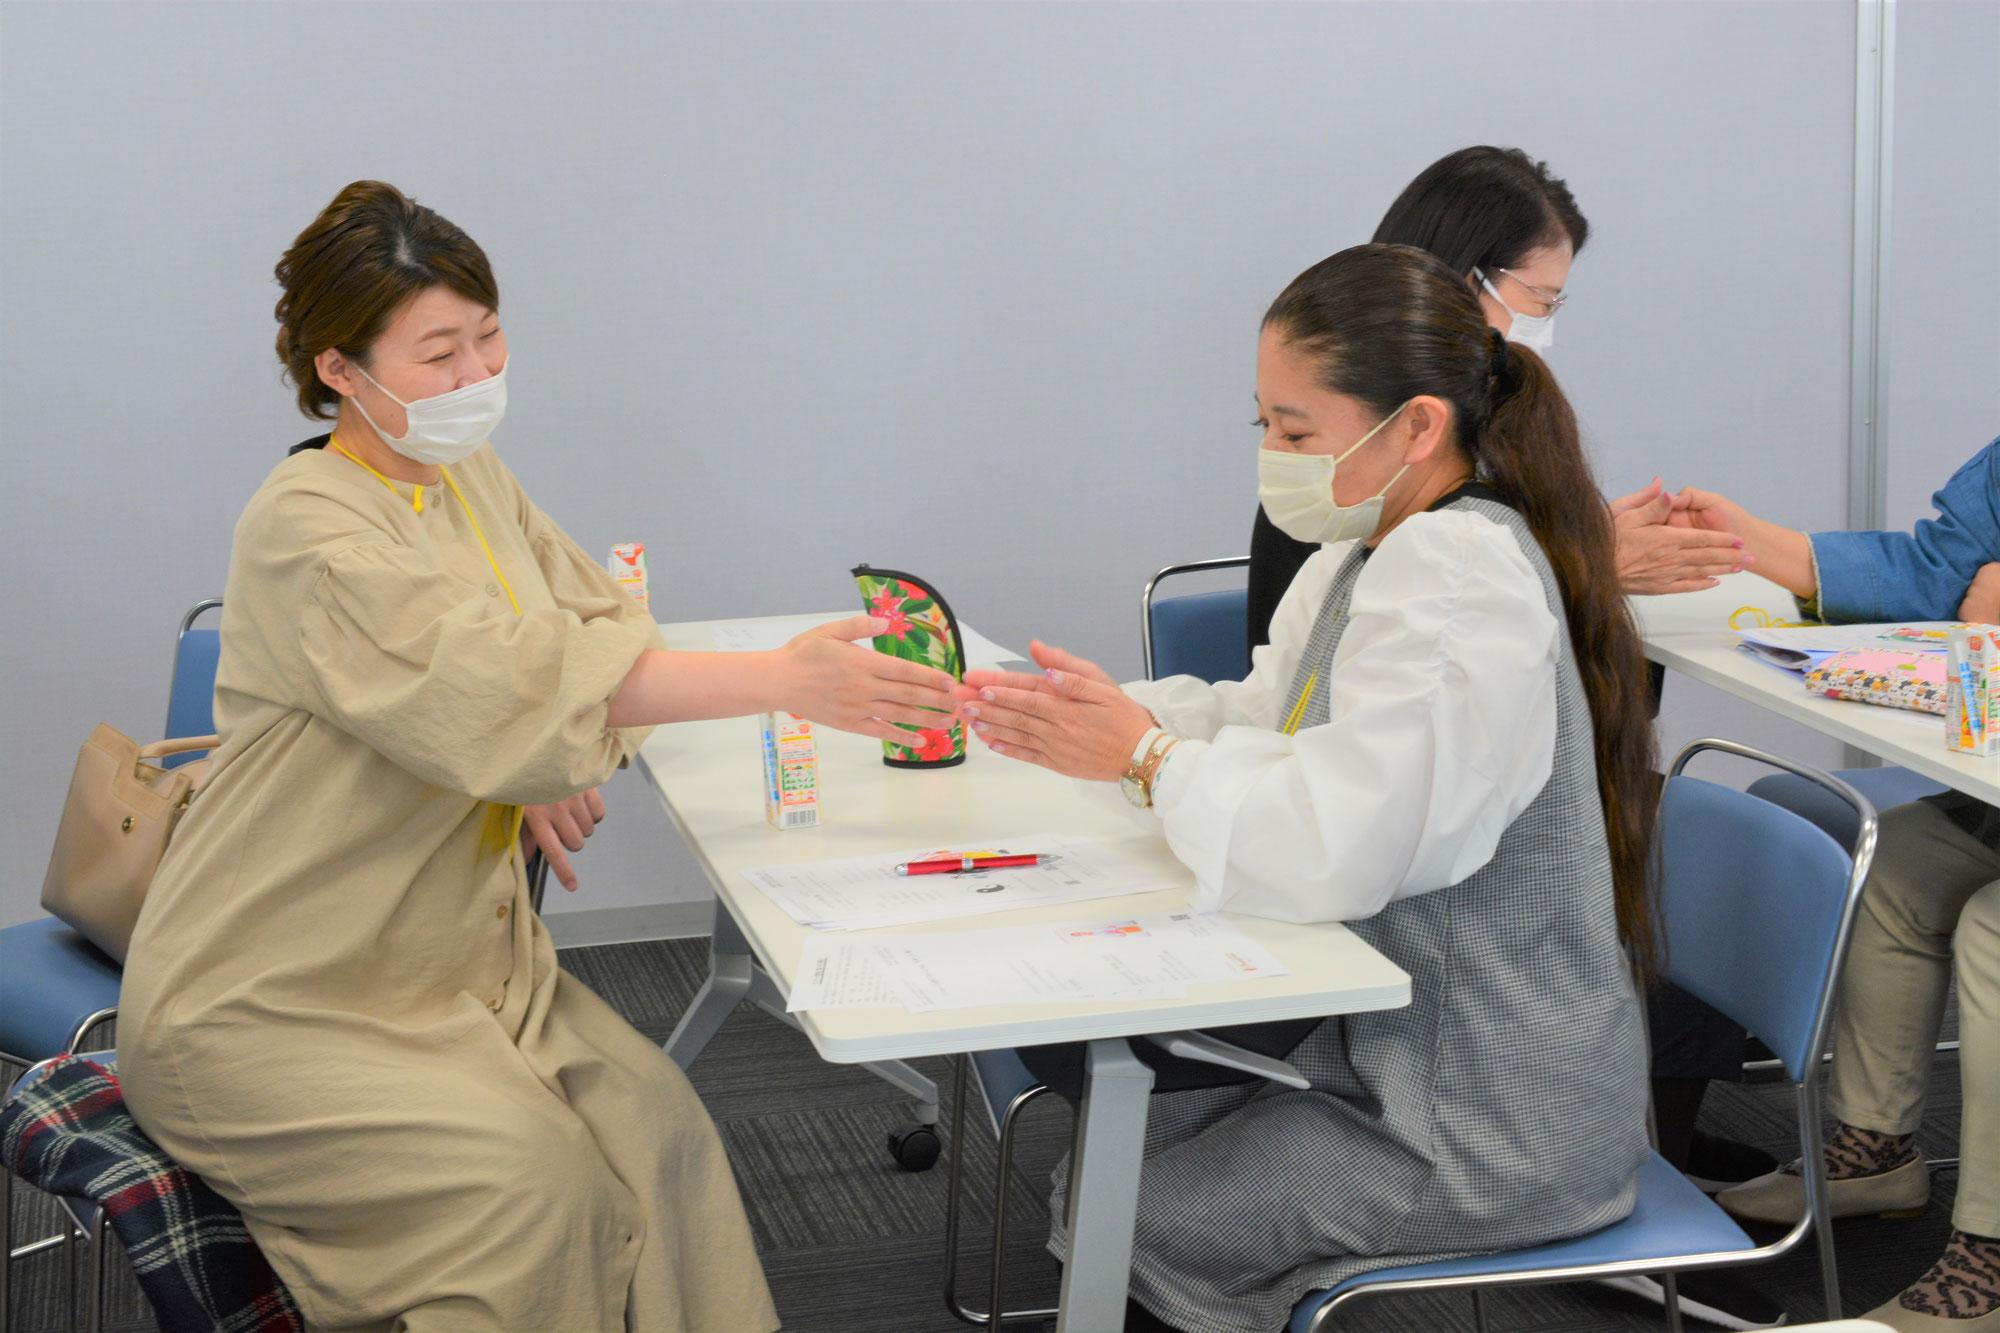 石巻市女性人材育成セミナー~水曜日コース第2回目を開催しました♡